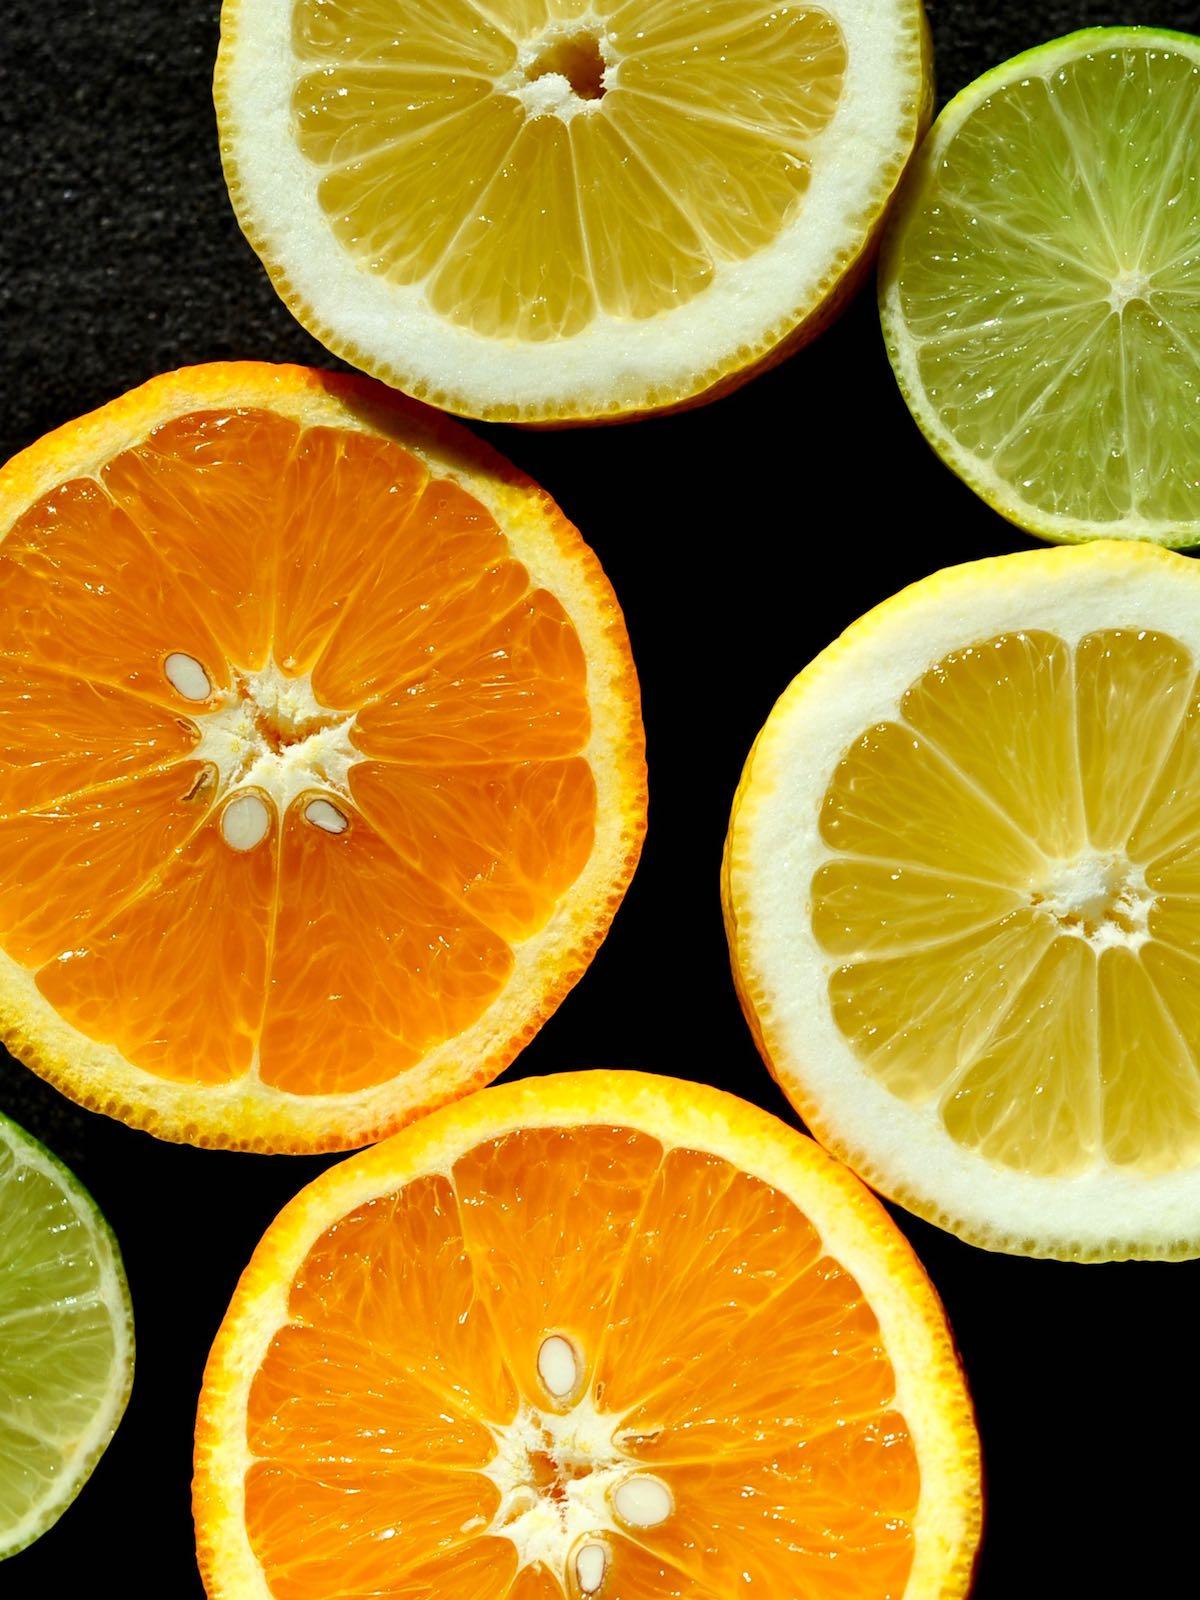 Orangen, Zitronen, Limetten auf schwarzem Untergrund